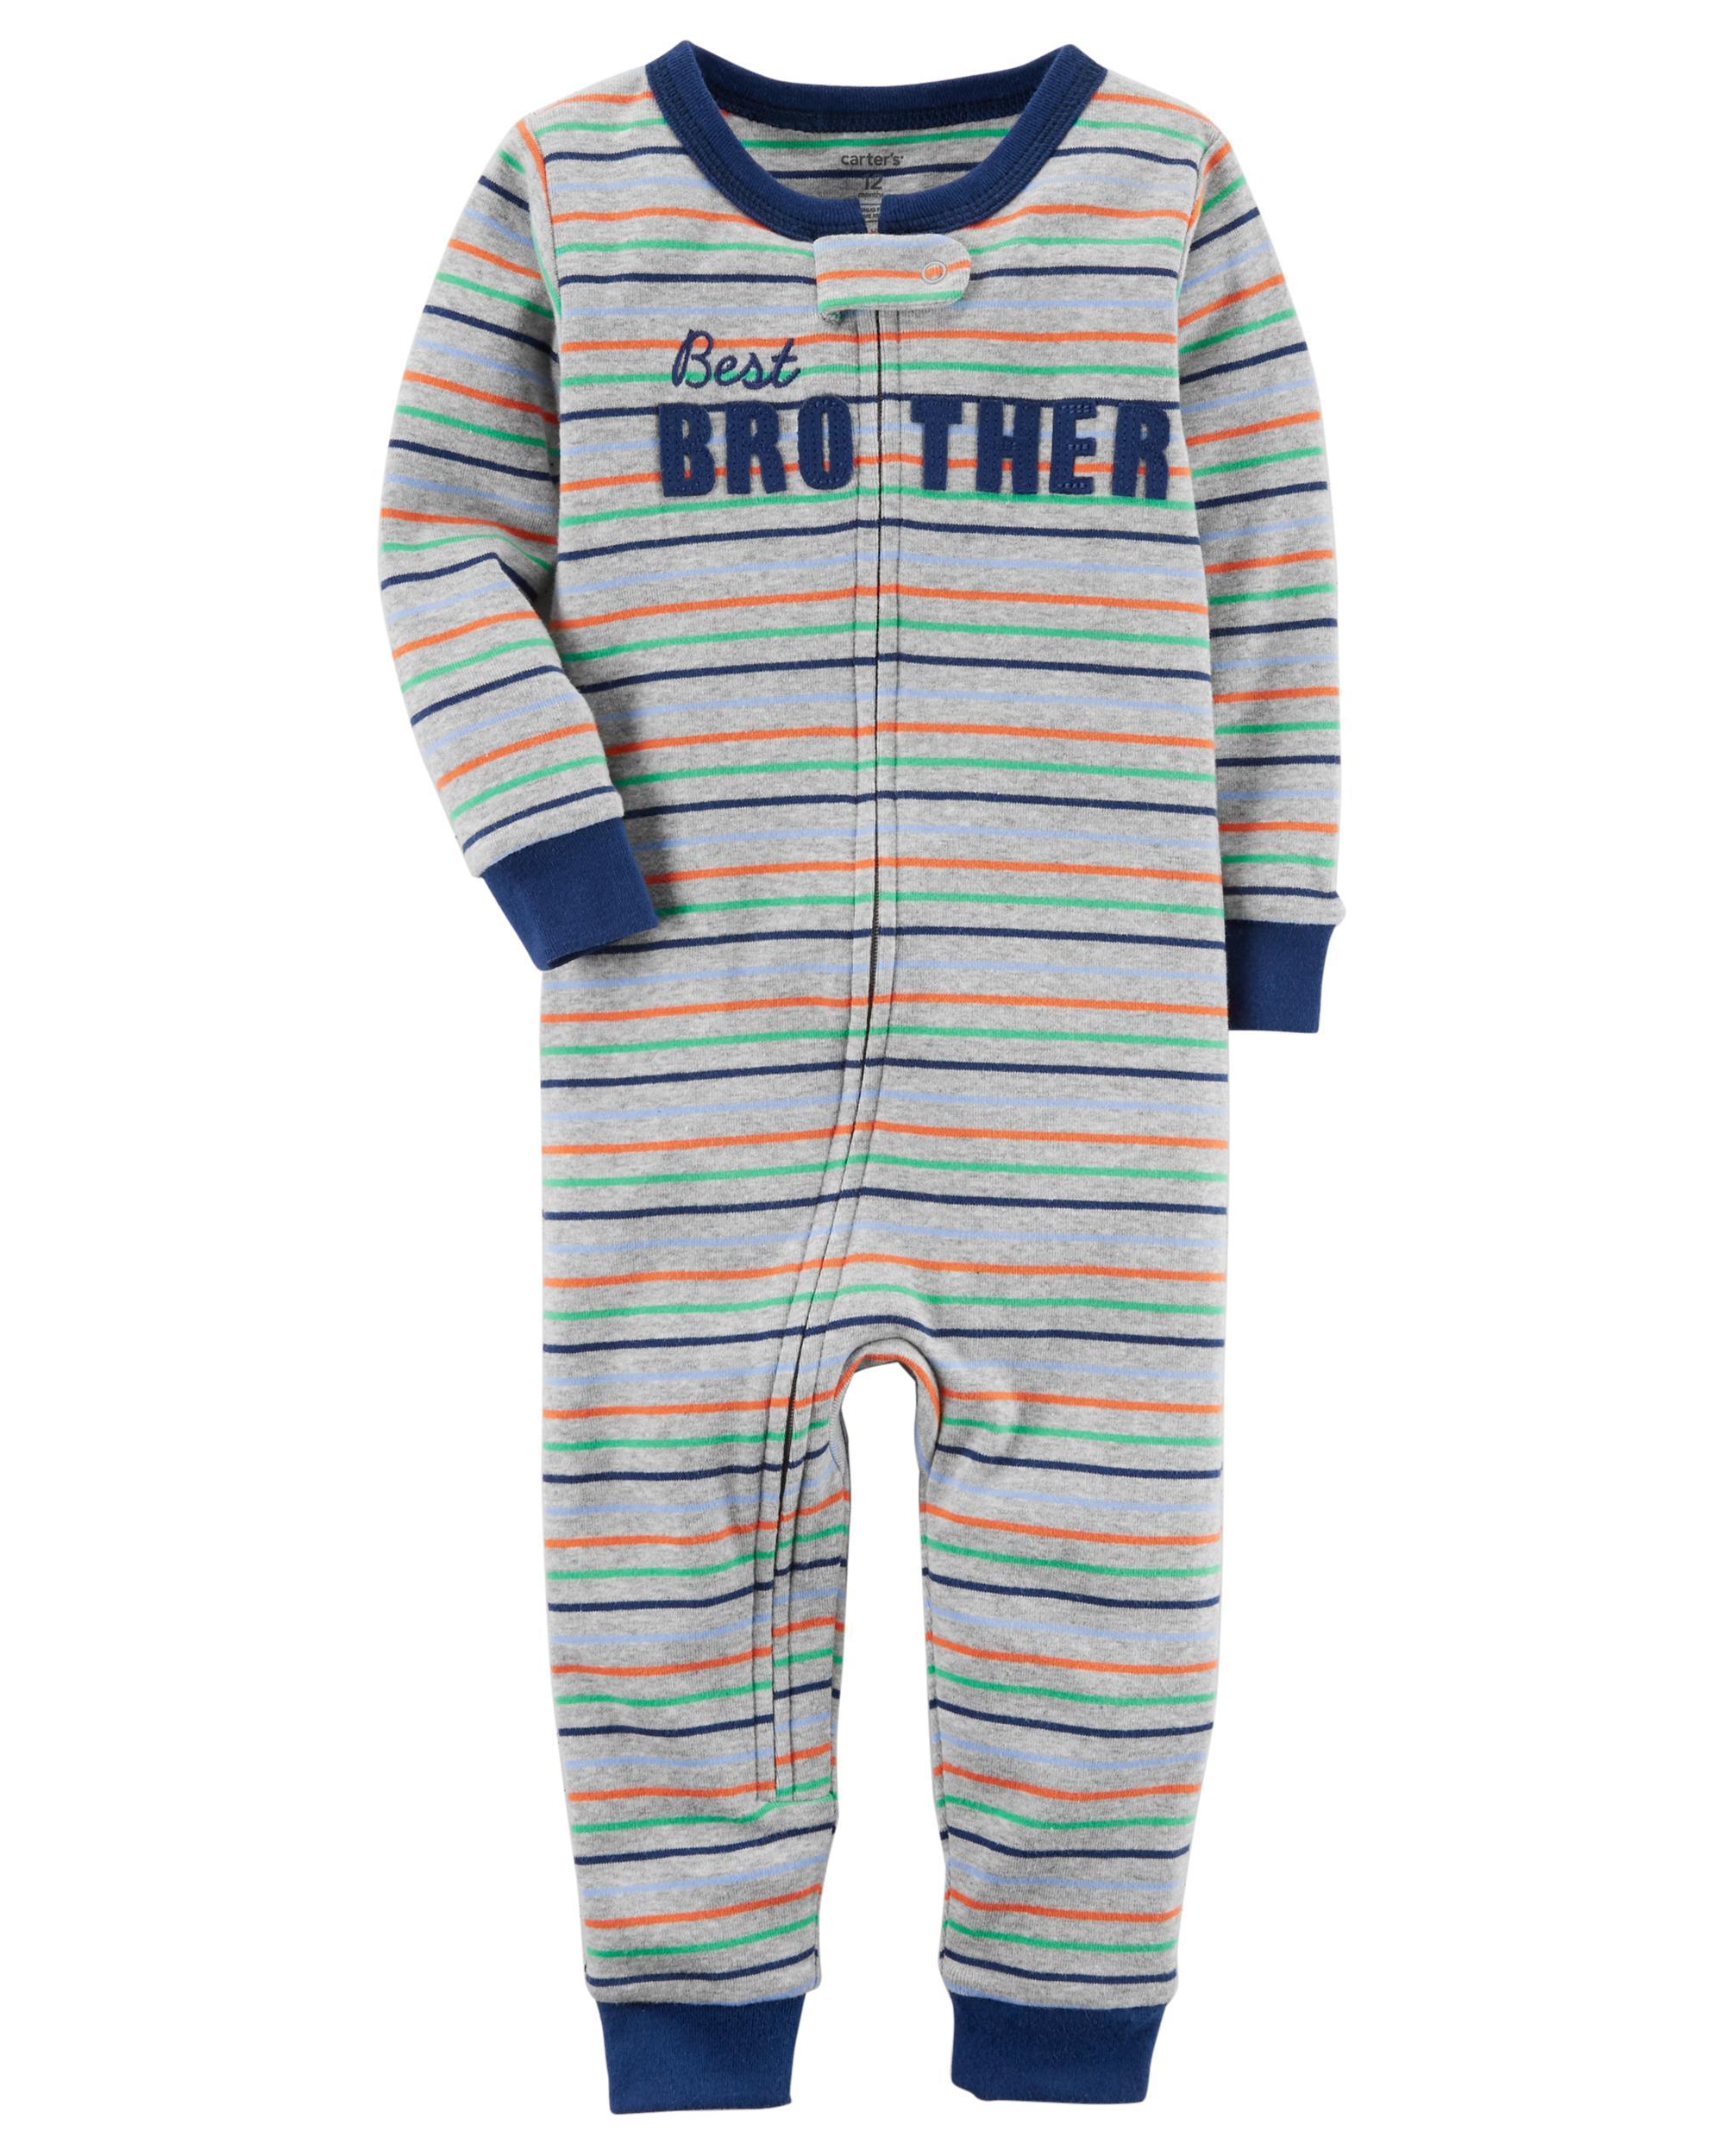 Carters Baby Boys 1-Piece Snug Fit Footless Cotton Pajamas